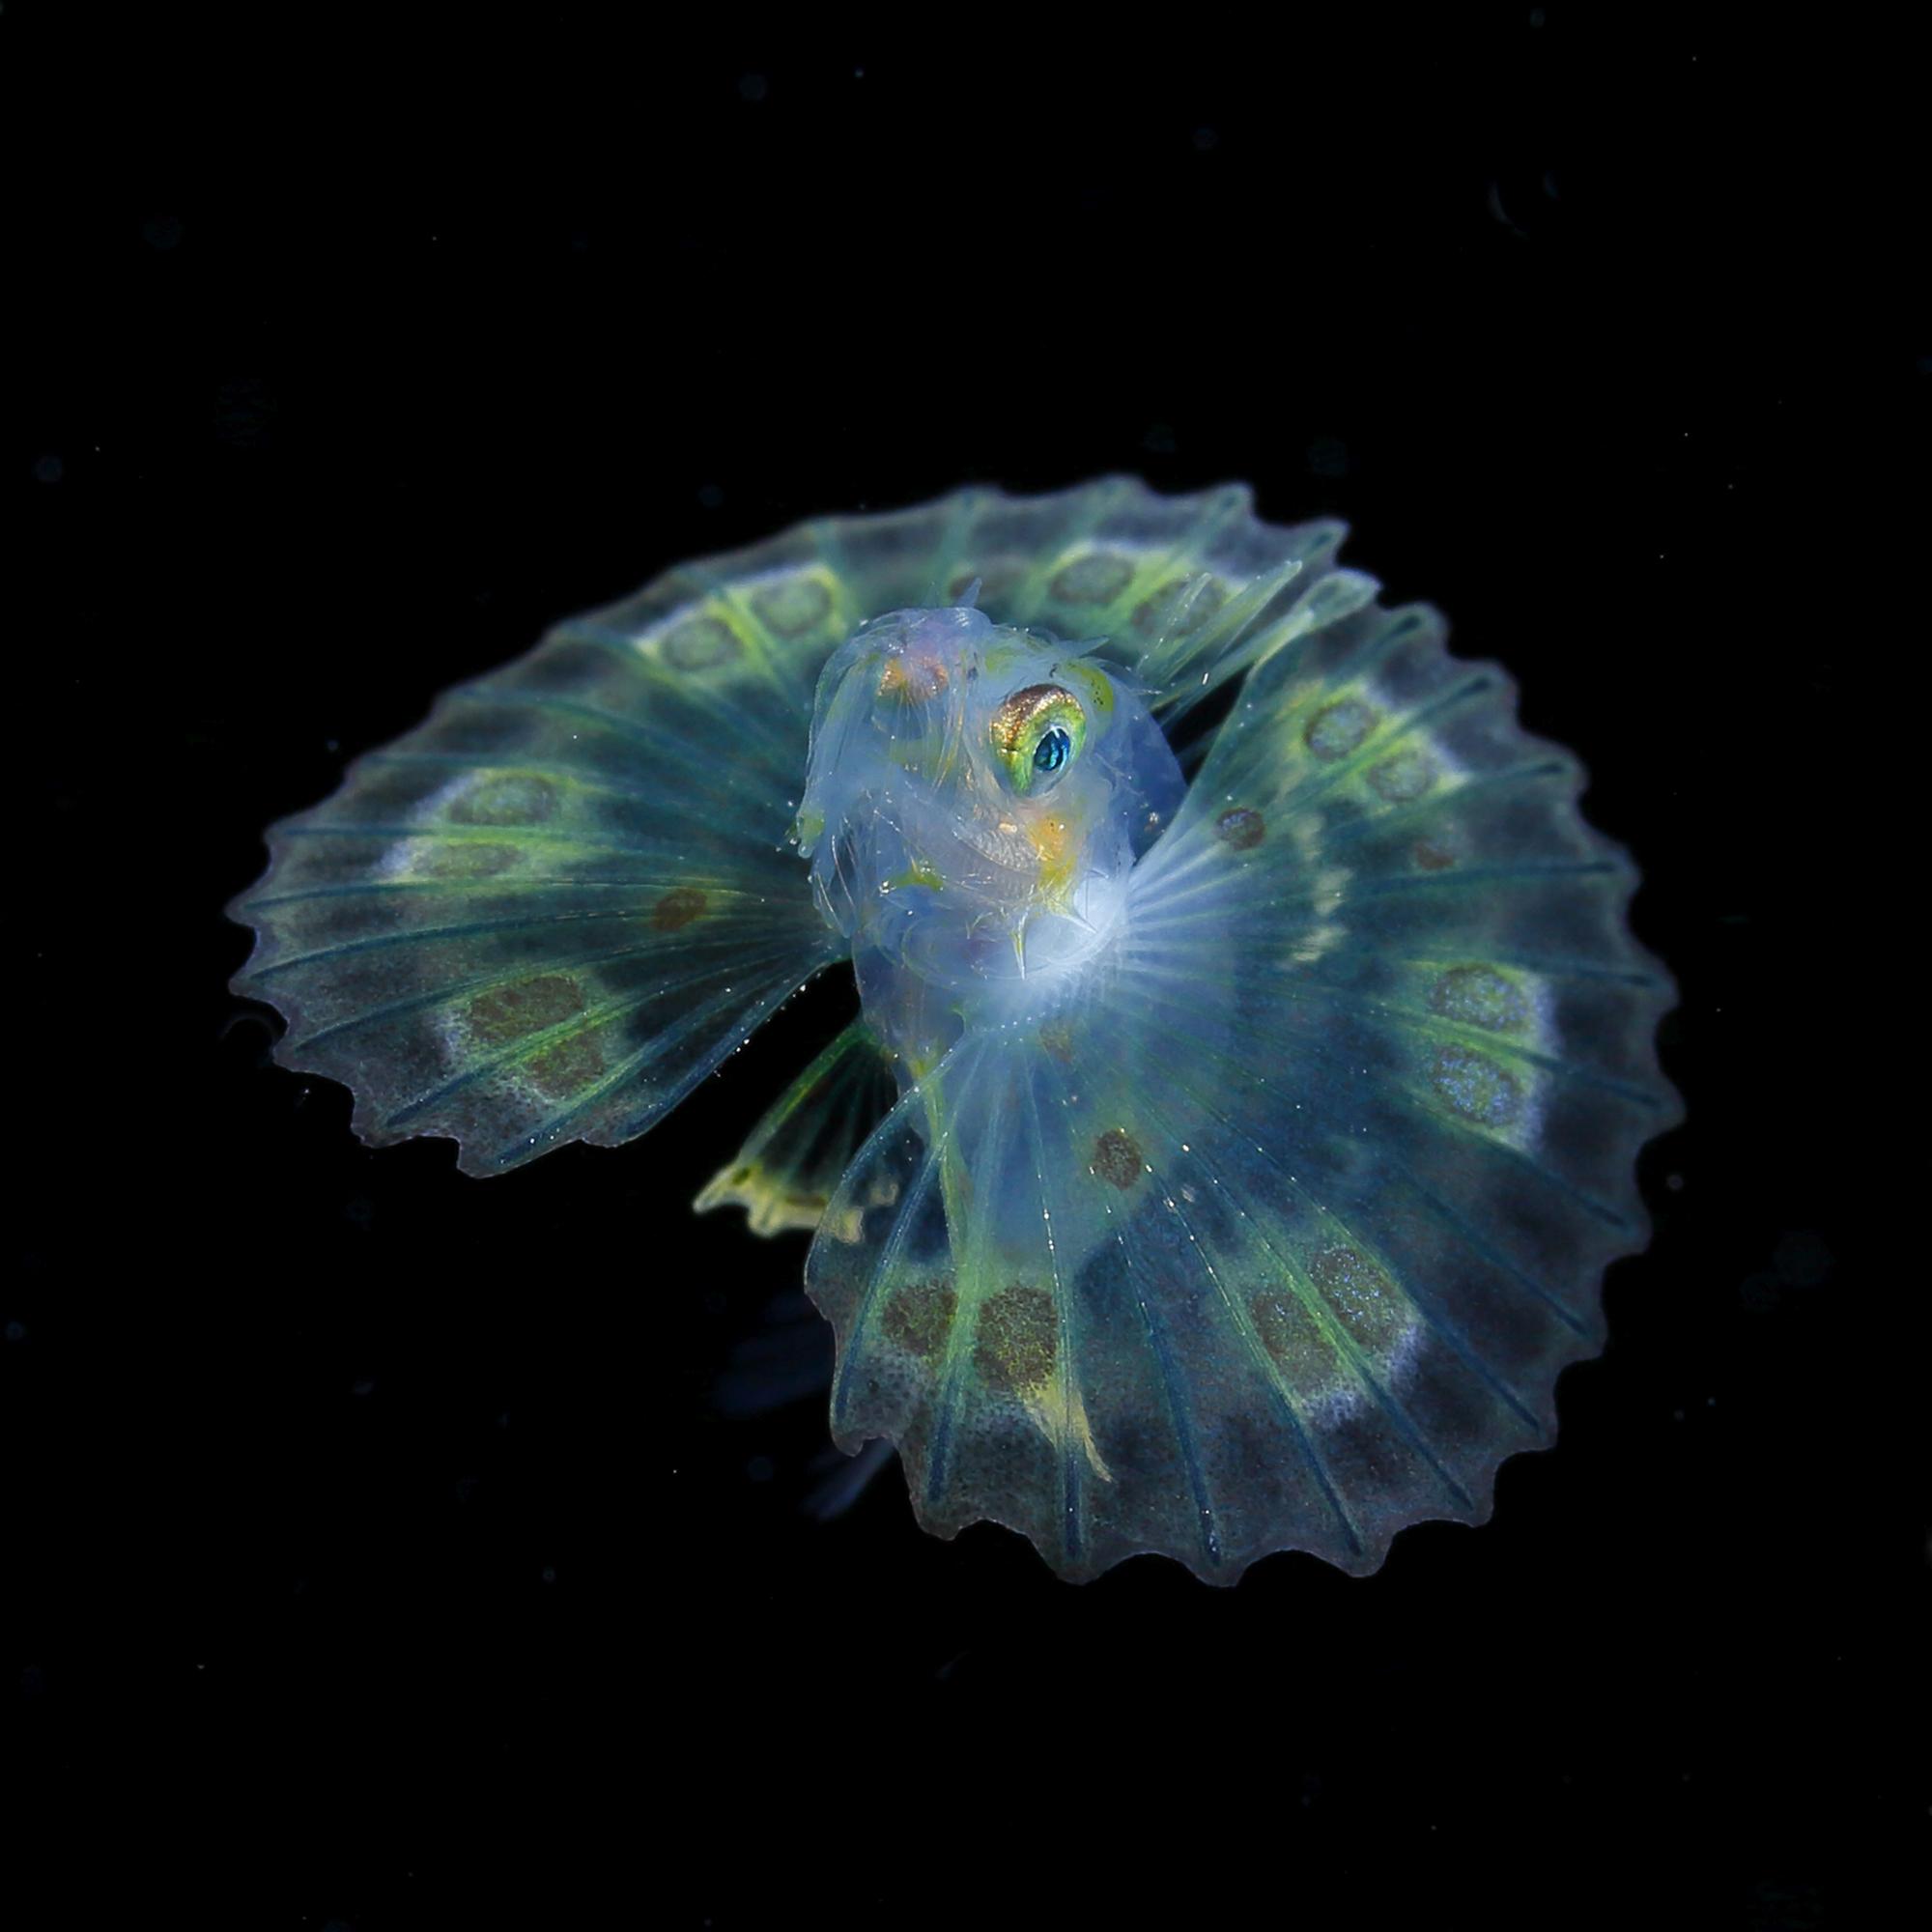 Joyaux dans la mer de nuit : Le plancton lumineux | Mer et